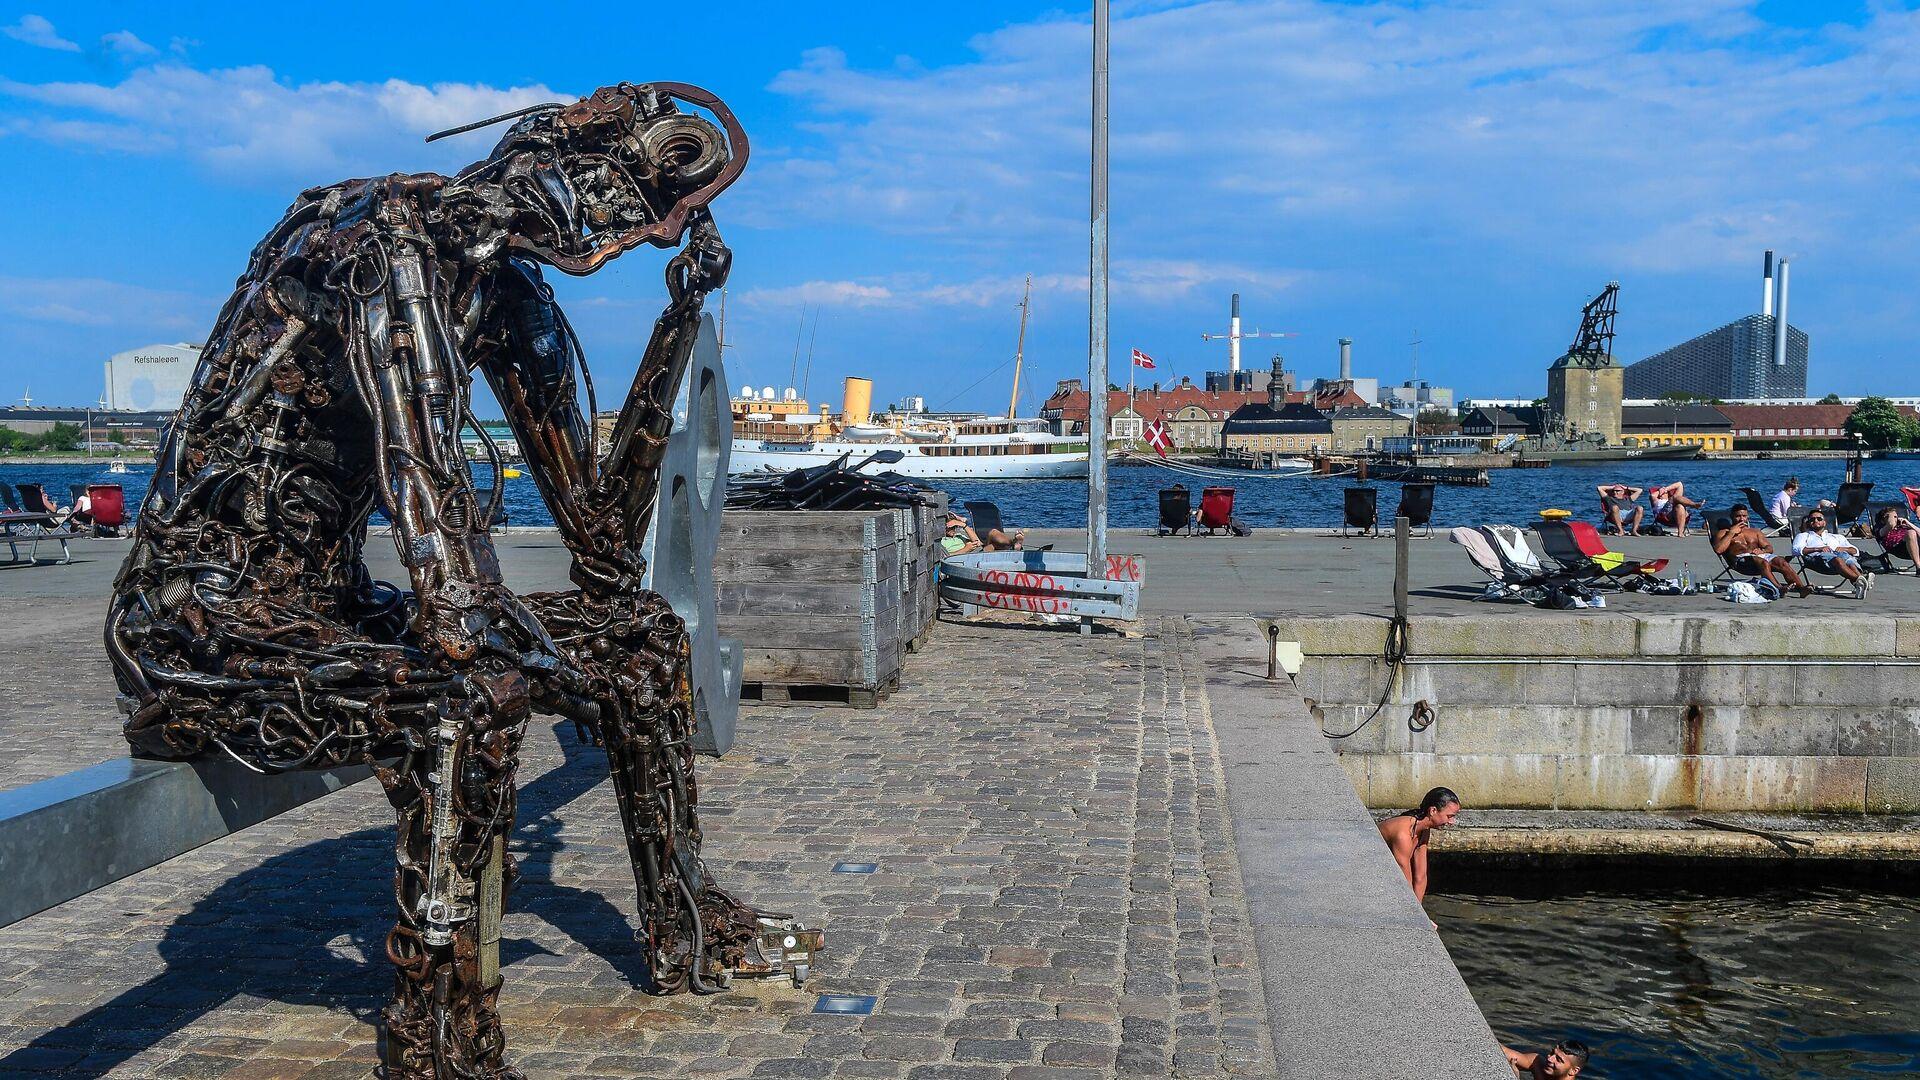 Памятник Iron man в Копенгагене. - РИА Новости, 1920, 09.09.2020